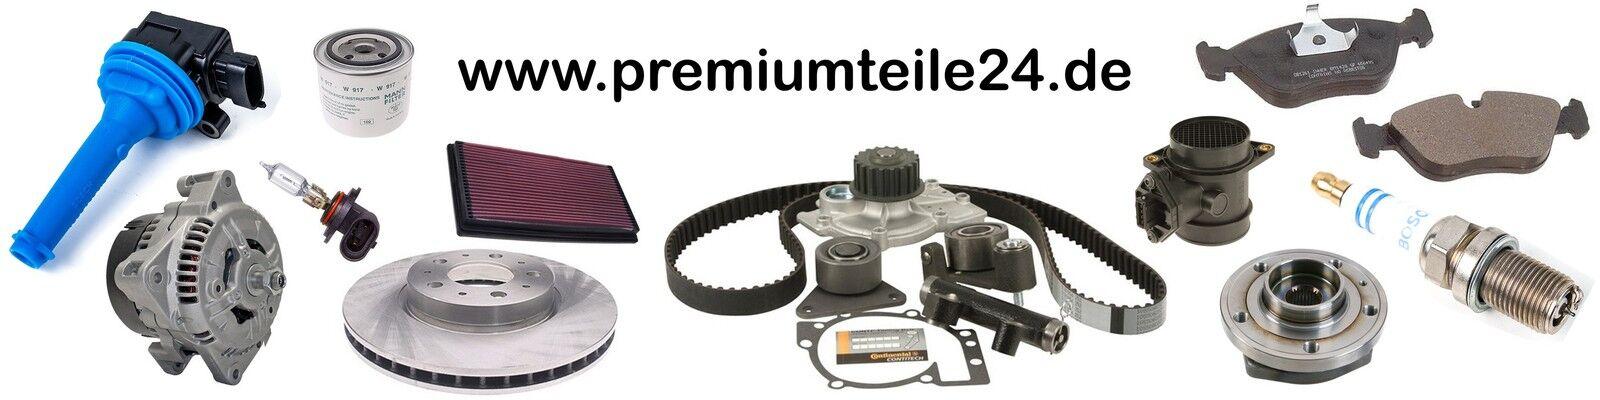 premiumteile24